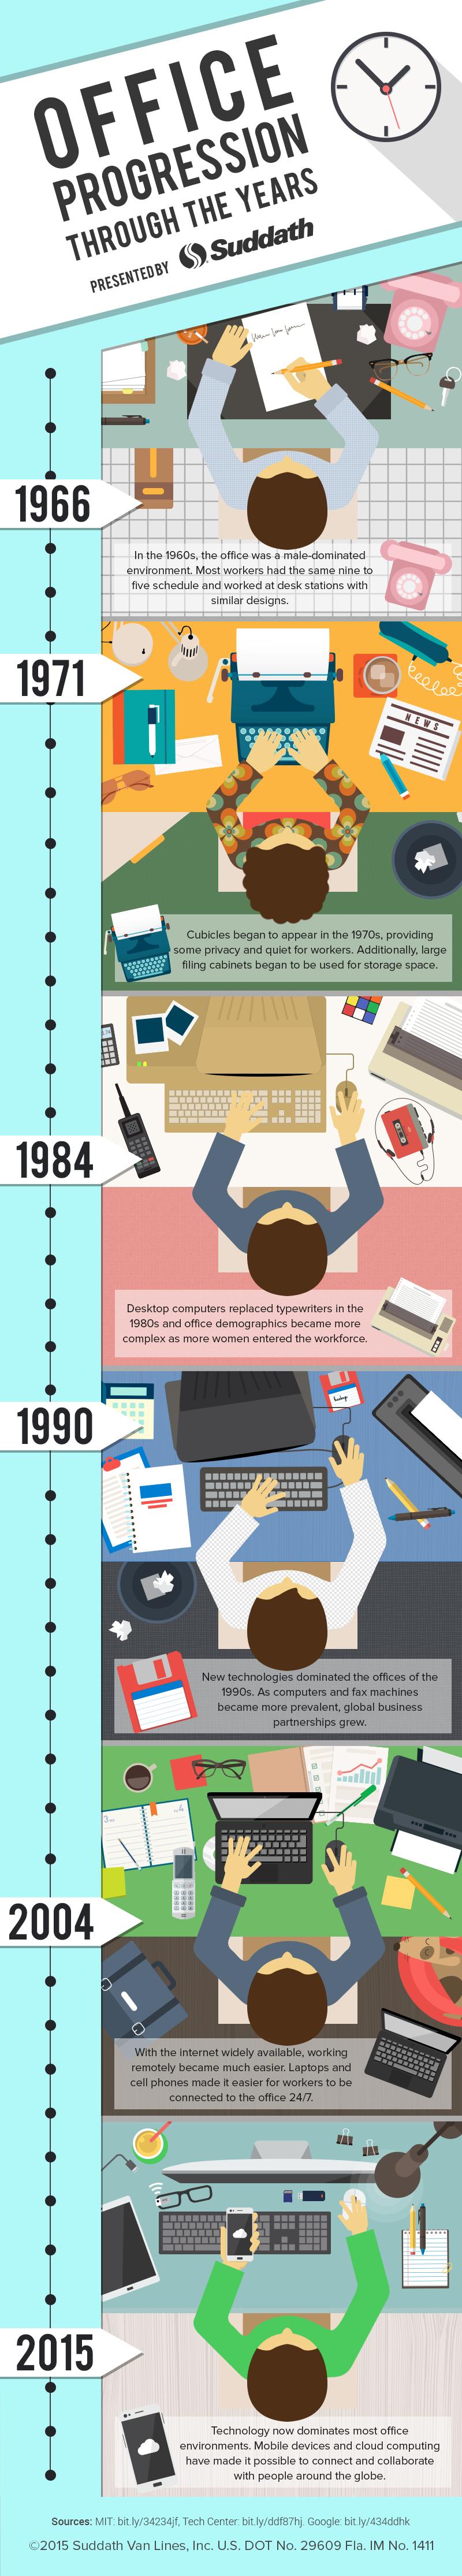 office trends timeline comp v3